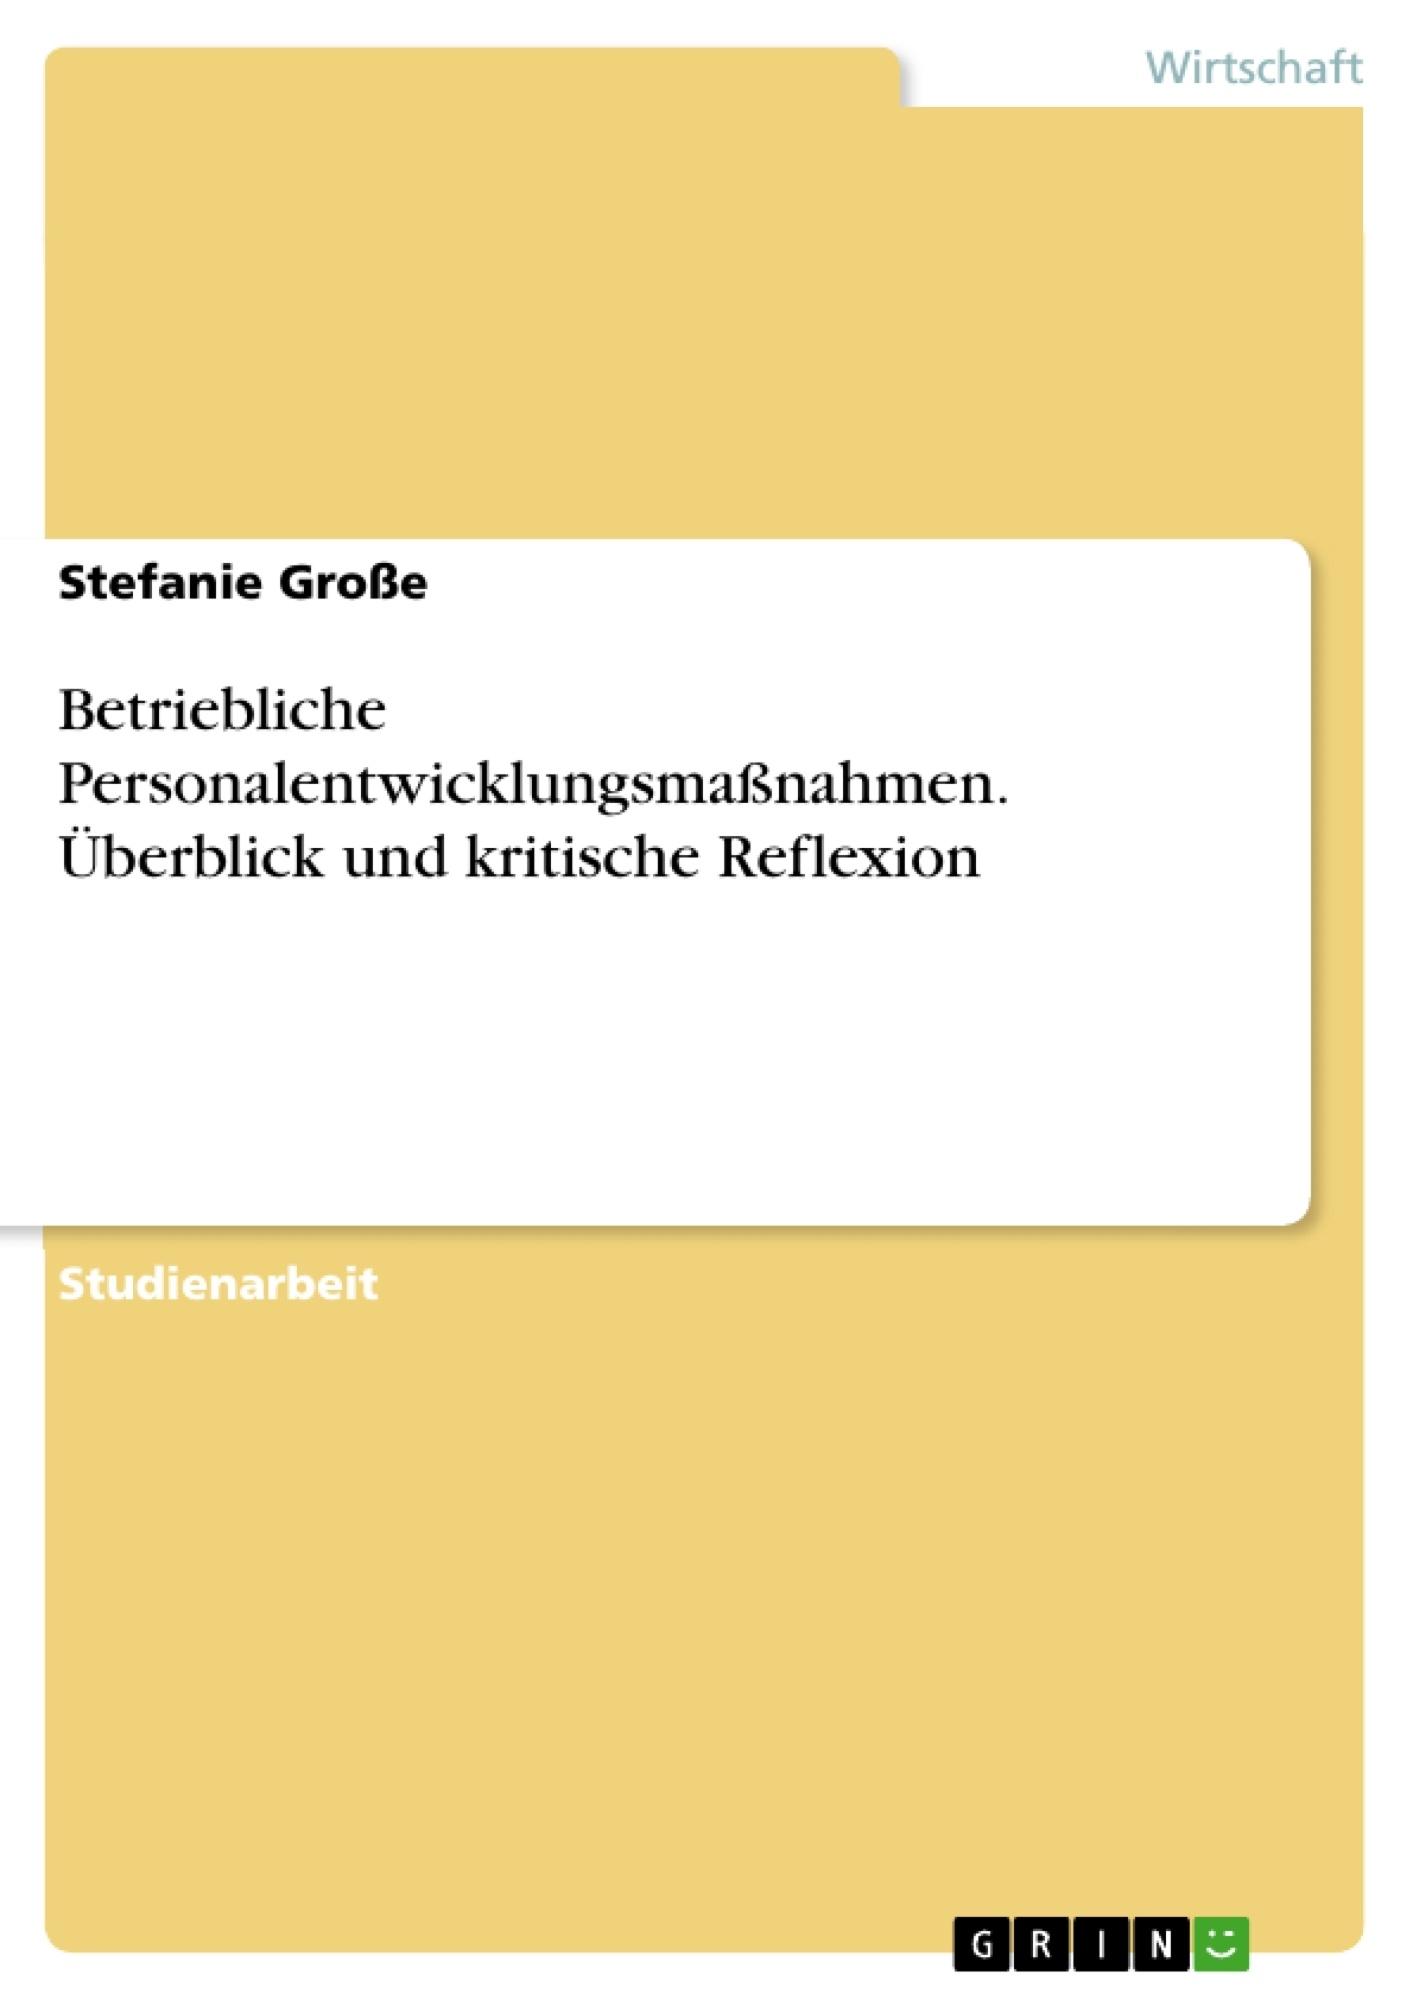 Titel: Betriebliche Personalentwicklungsmaßnahmen. Überblick und kritische Reflexion